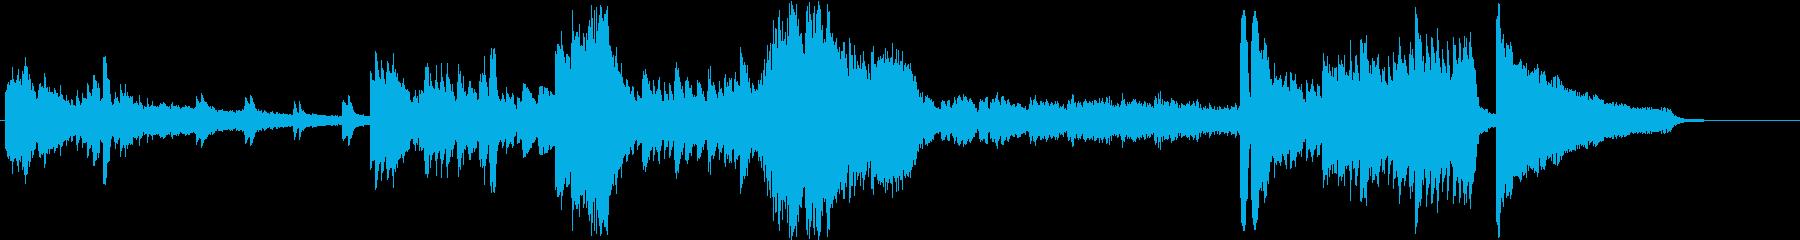 無機質な緊迫感の、変拍子ピアノソロの再生済みの波形